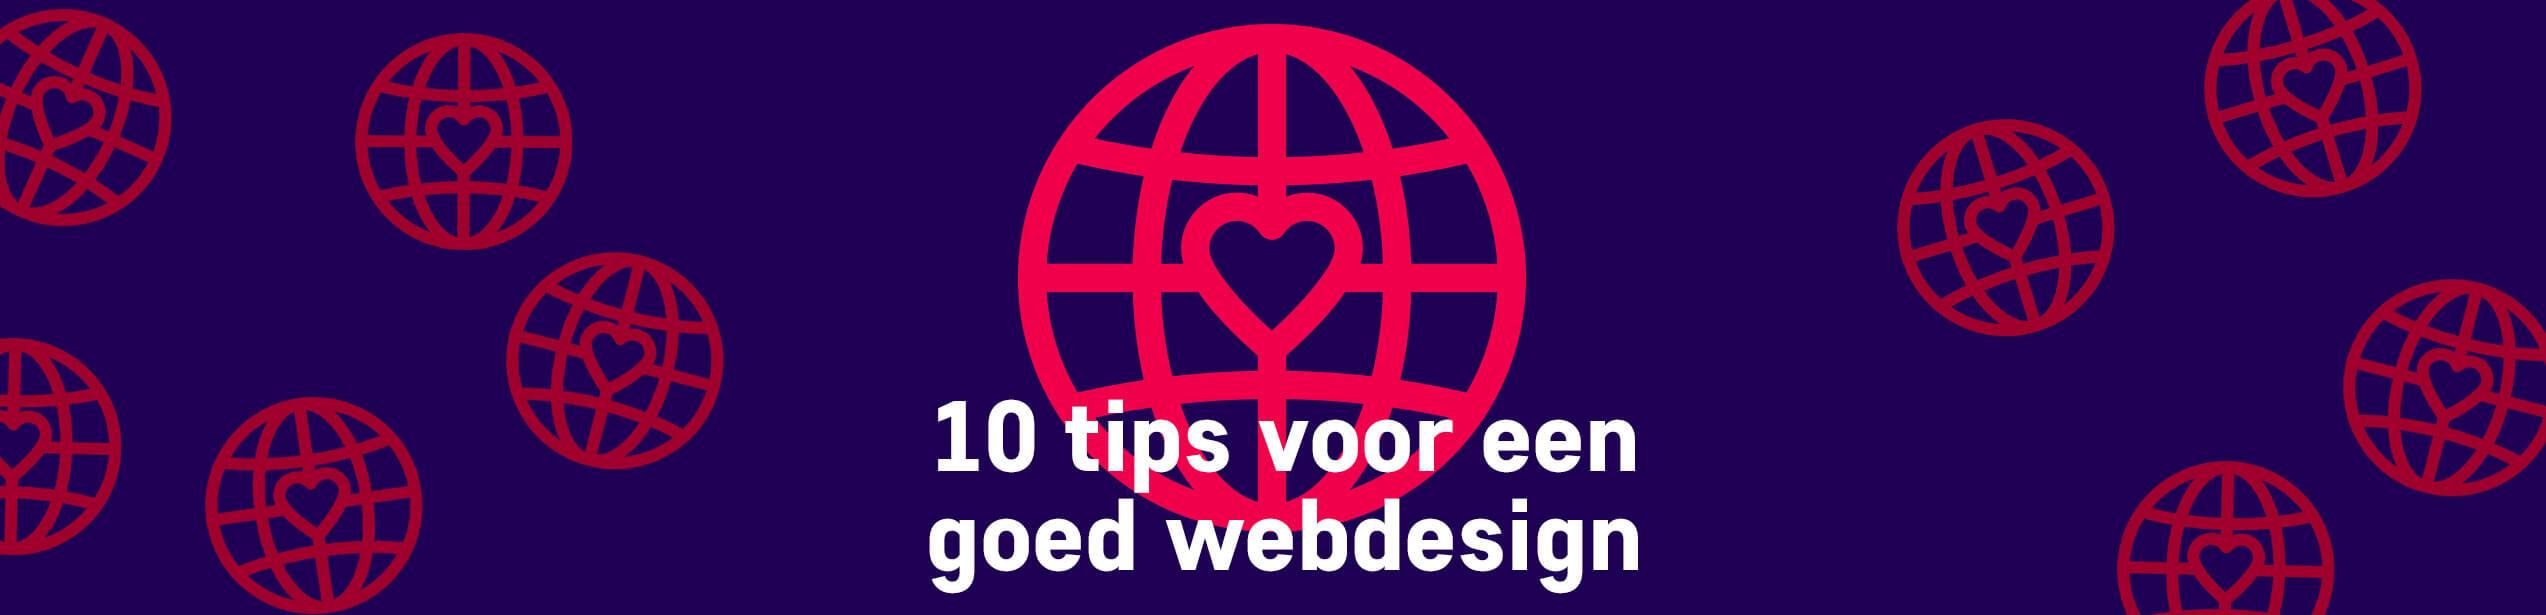 Hoe laat ik mijn website opvallen? 10 tips voor een goed webdesign.